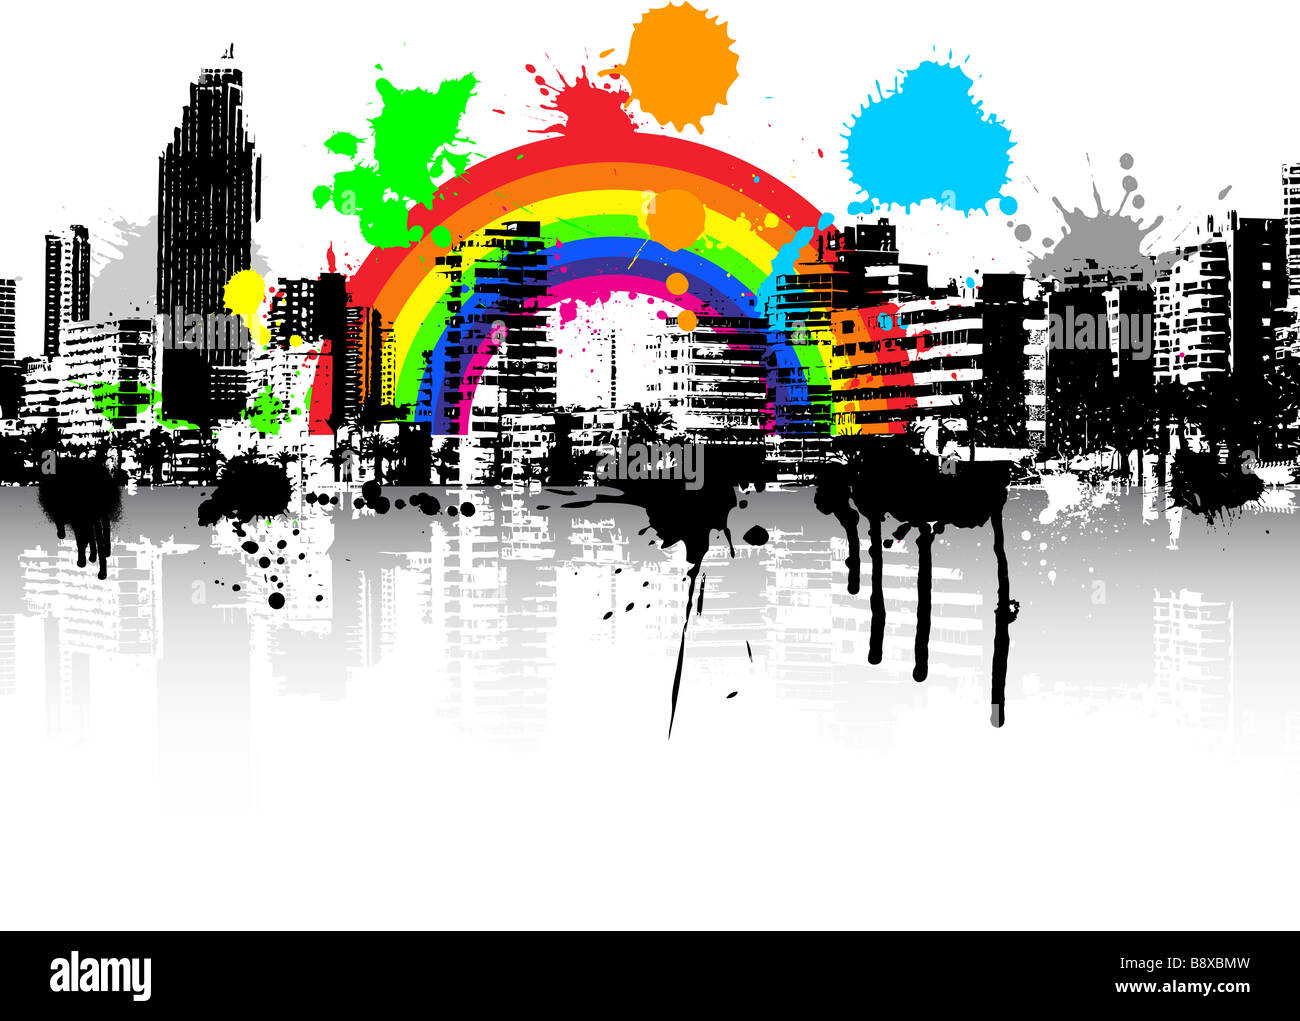 Abstrakter Stil urban Grunge Szenenhintergrund mit Regenbogen Stockbild